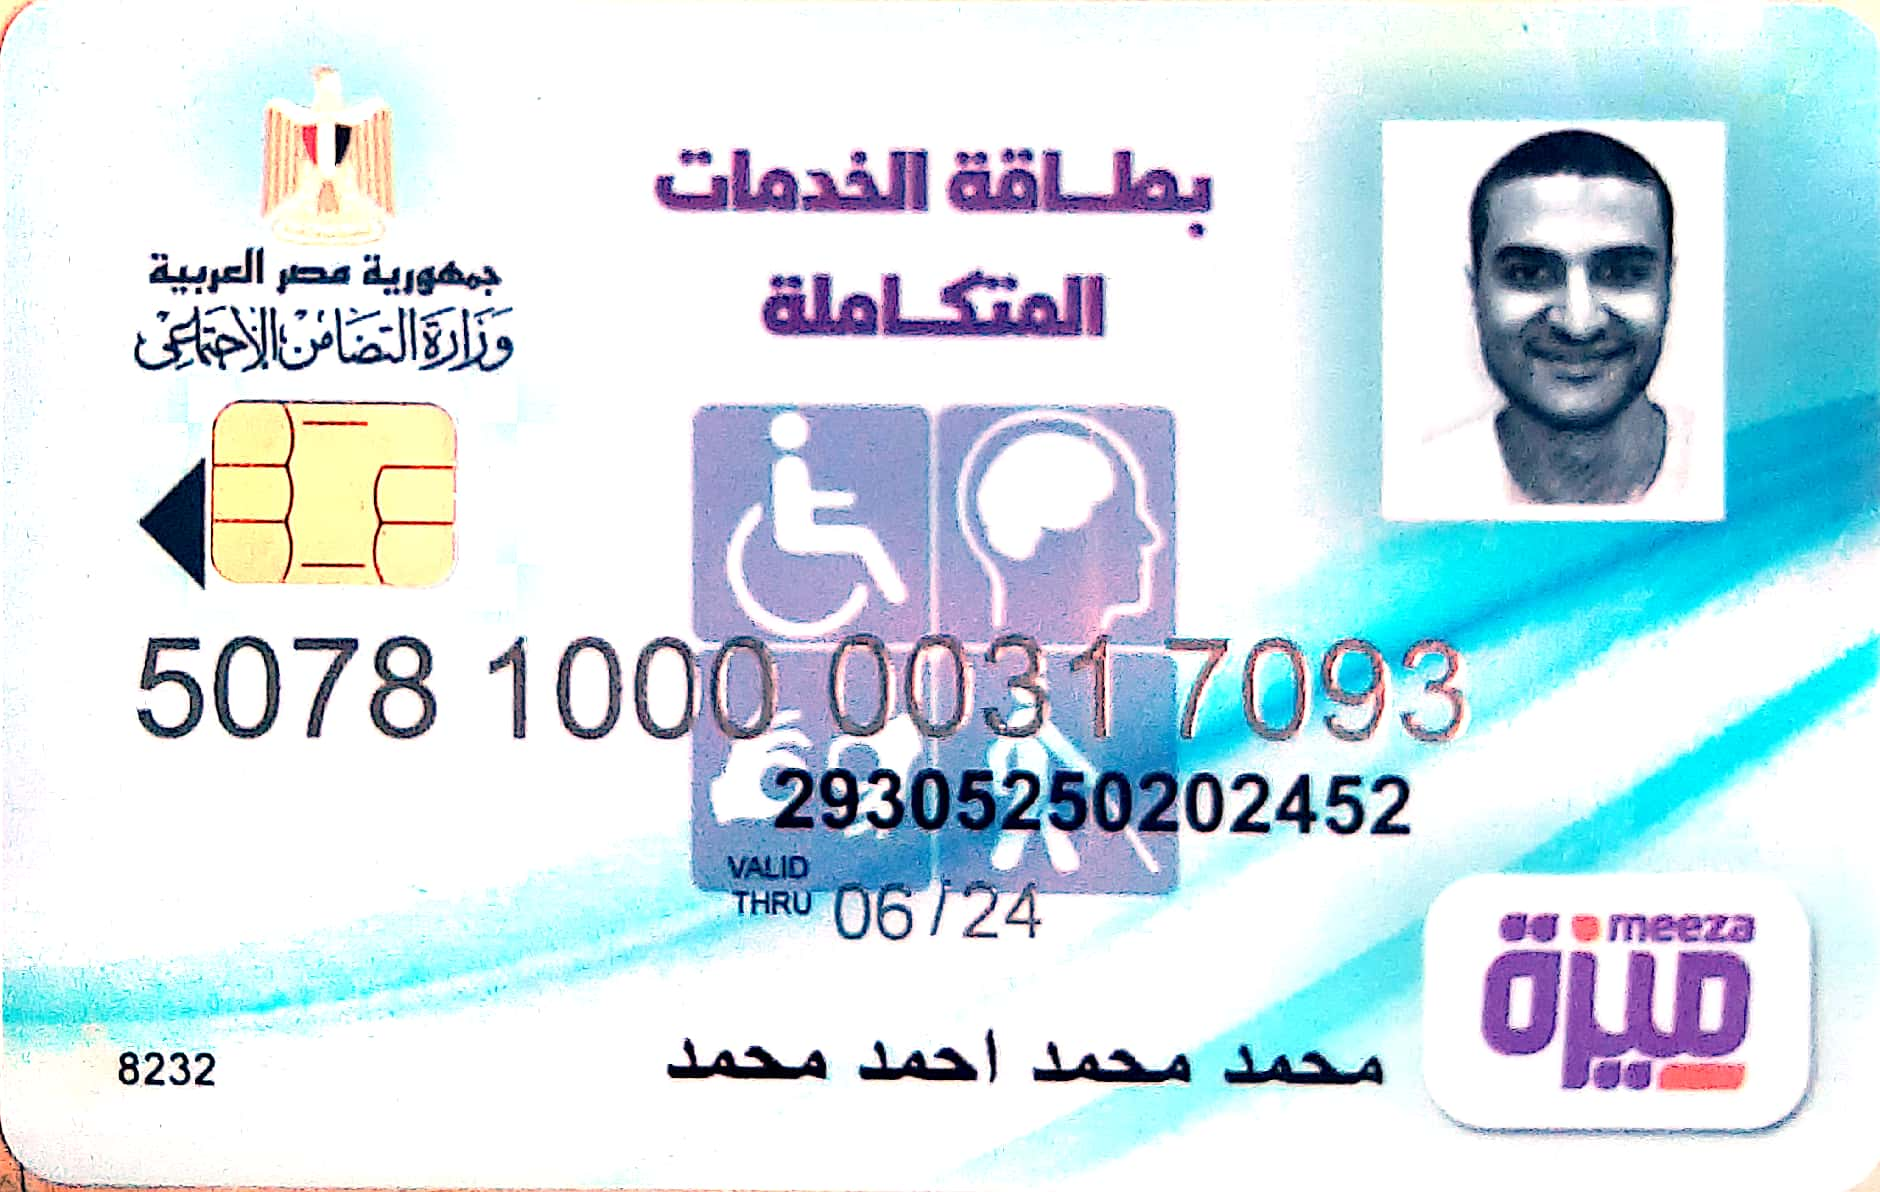 36b5998c-4c45-4662-a455-eea7983c9d63